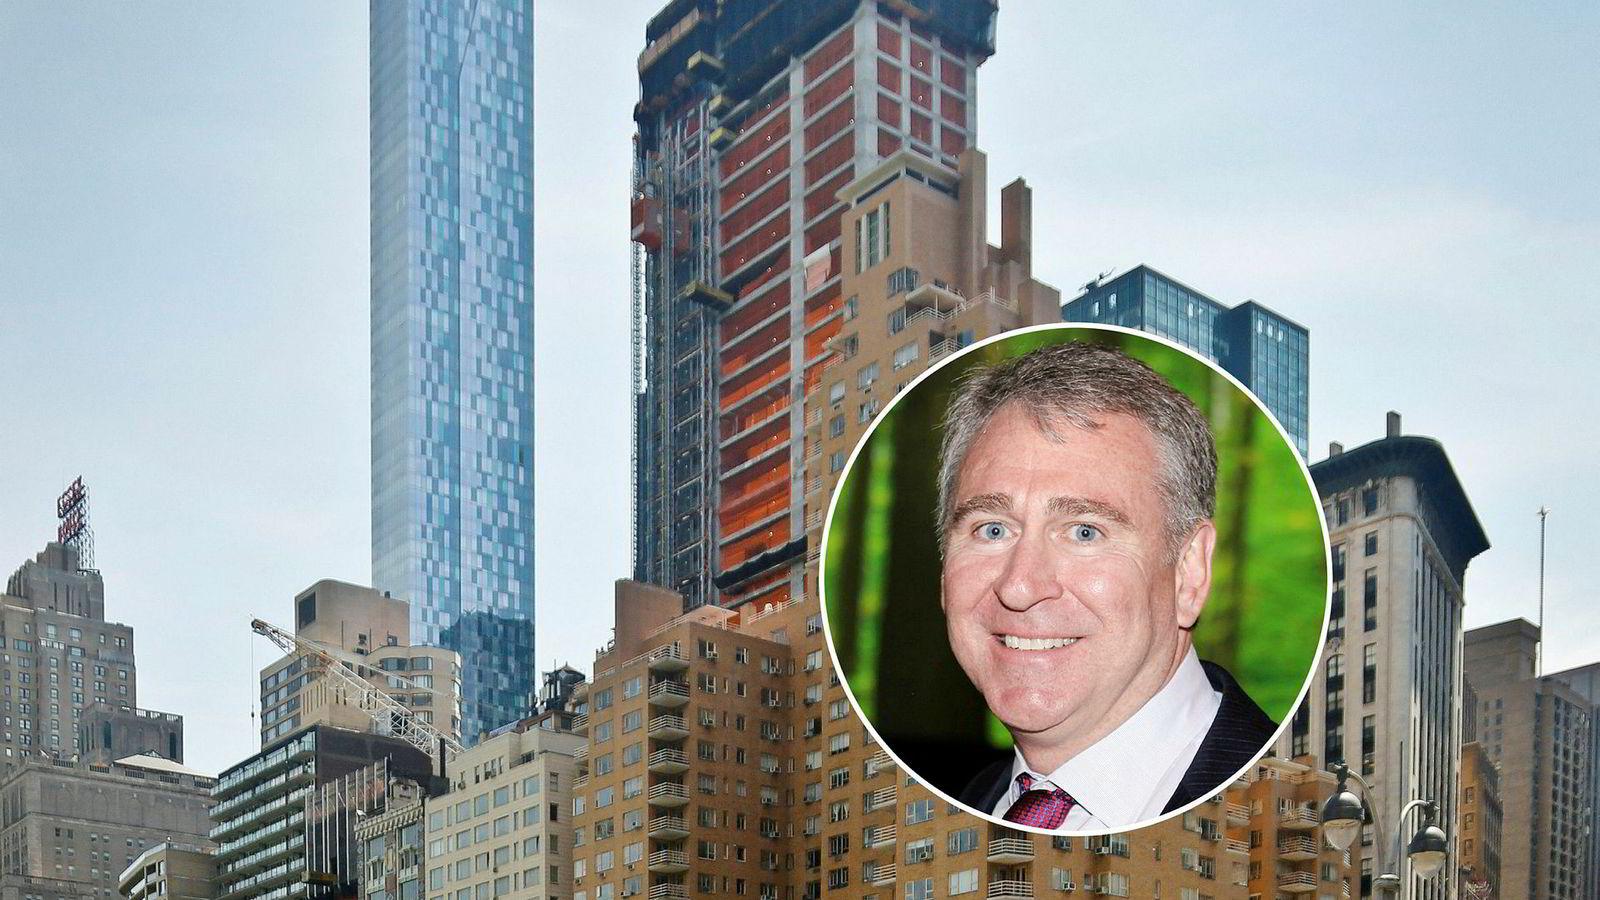 Forvalter og grunnlegger av hedgefondet Citadel, Ken Griffin (innfelt), har kjøpt tidenes dyreste bolig i USA. Han betaler tilsvarende to milliarder kroner for en leilighet i 220 Central Park South, New York, her fotografert under bygging.